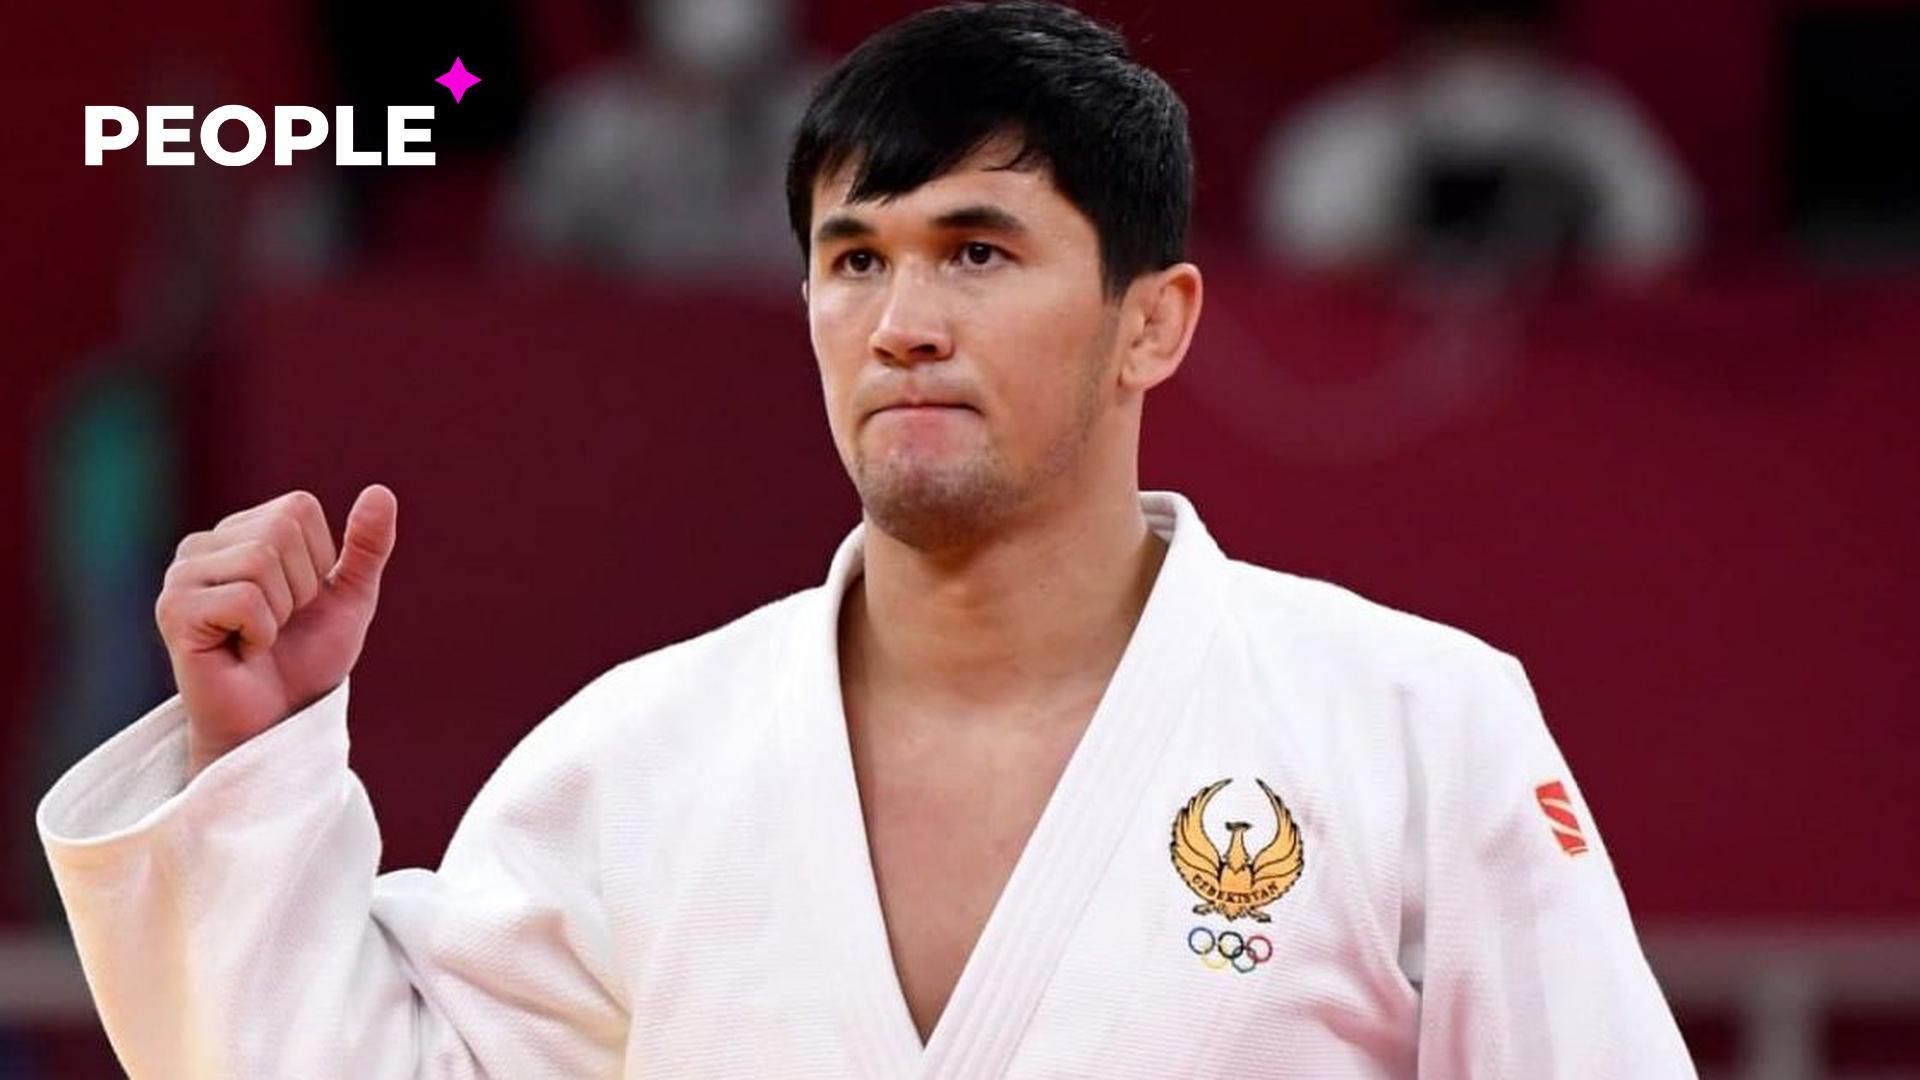 Дзюдоист Давлат Бобонов принес Узбекистану вторую медаль на Олимпийских играх в Токио